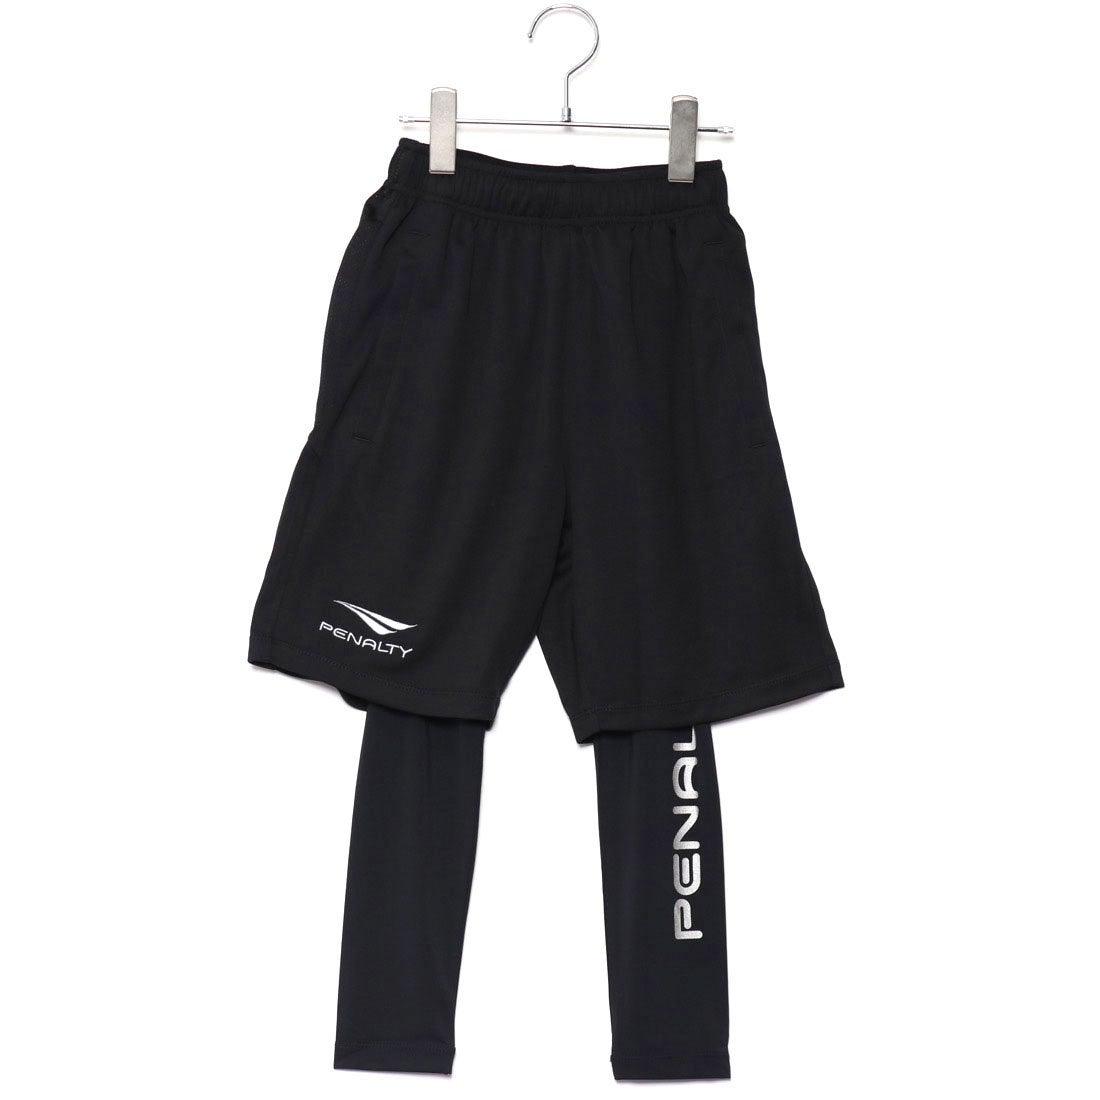 ロコンド 靴とファッションの通販サイトペナルティPENALTYジュニアサッカー/フットサルレイヤードパンツJRプラパンツ・インナーセットPP8113J